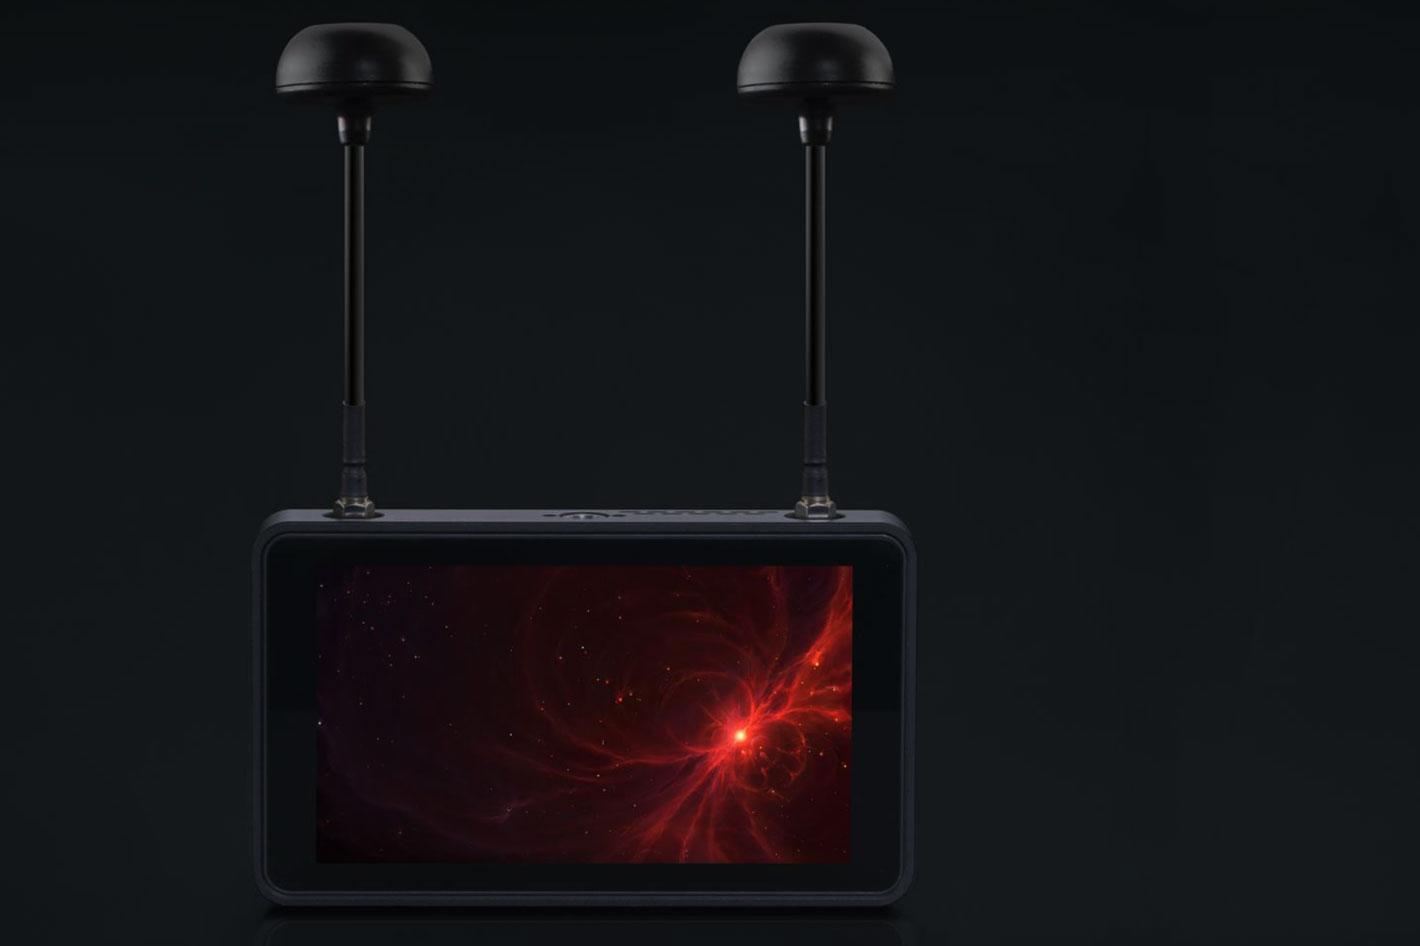 Atomos reveals powerful Ninja V+ and Ninja V+ Pro Kit